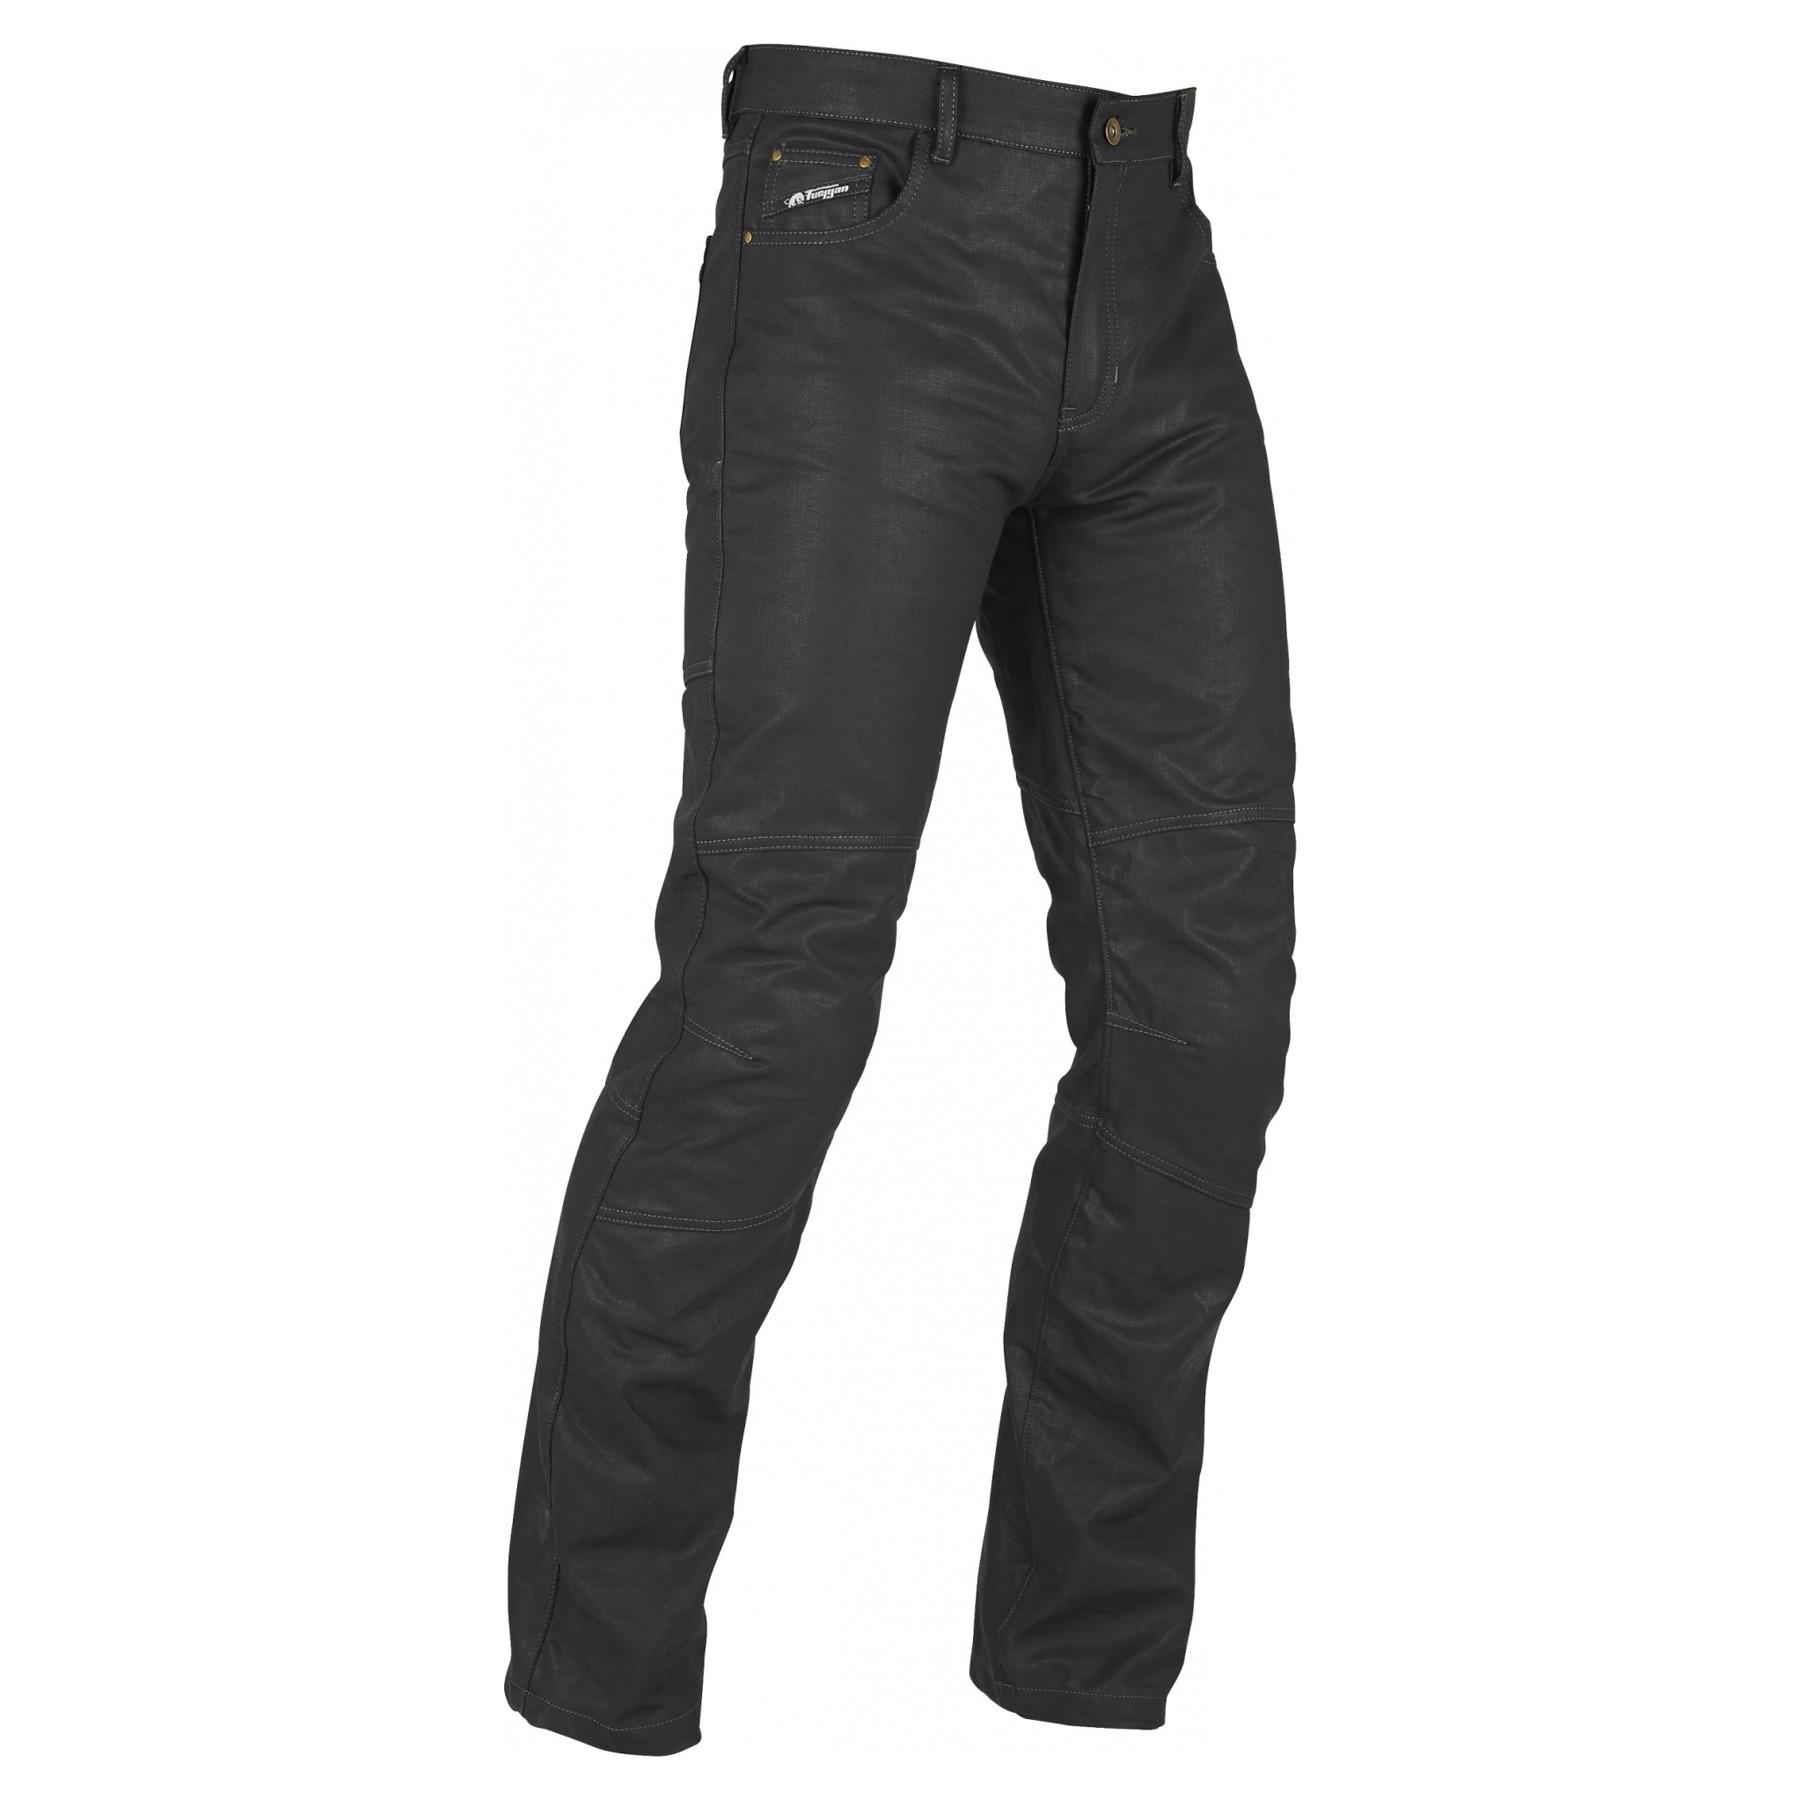 furygan jeans d02 oil zwart bestel voor laagste prijs reviews en beoordelingen alle. Black Bedroom Furniture Sets. Home Design Ideas